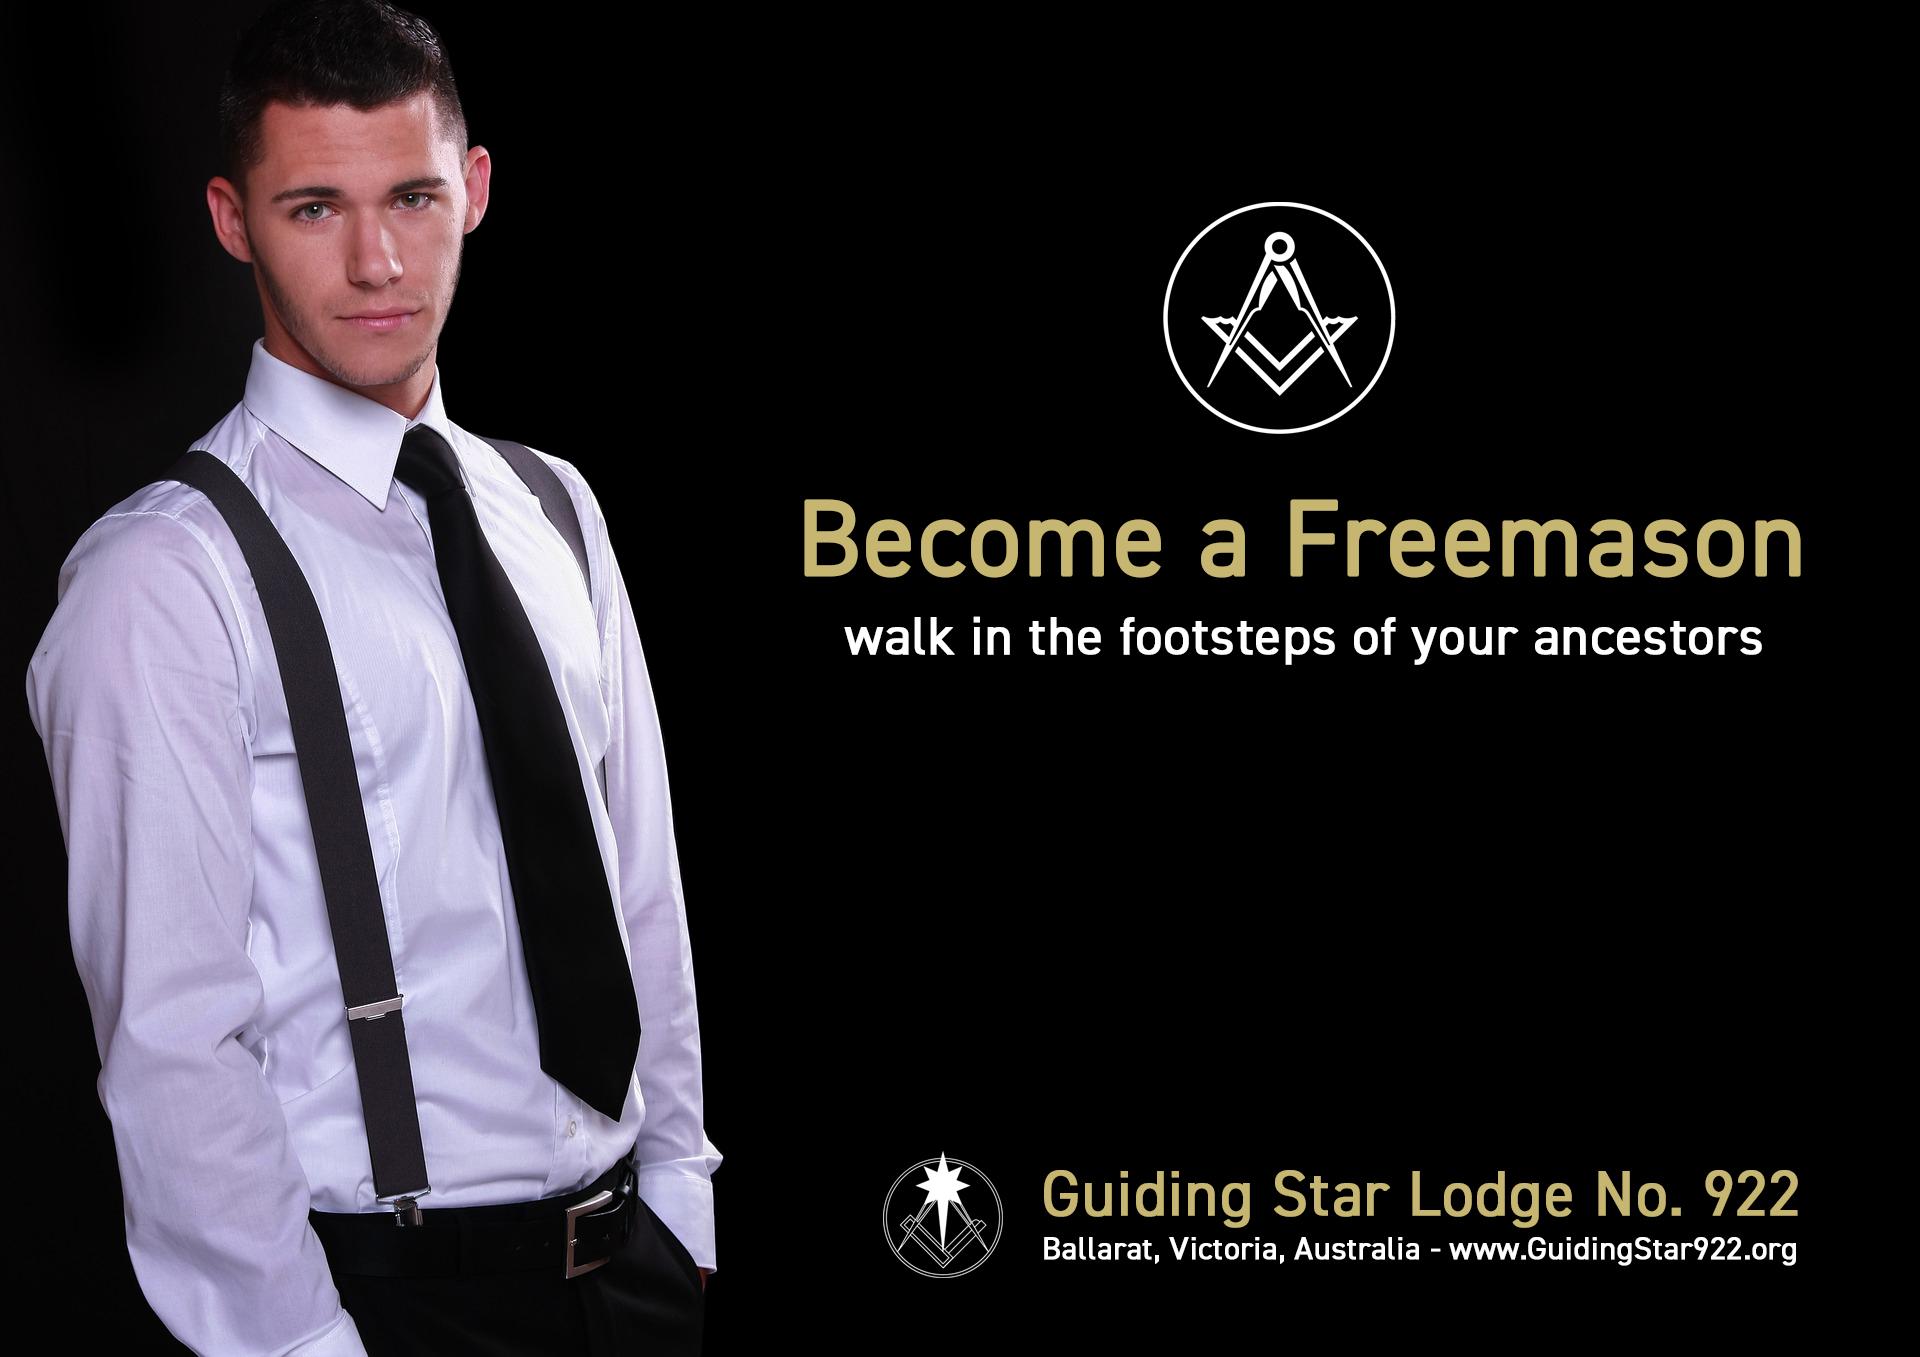 Become a Freemason